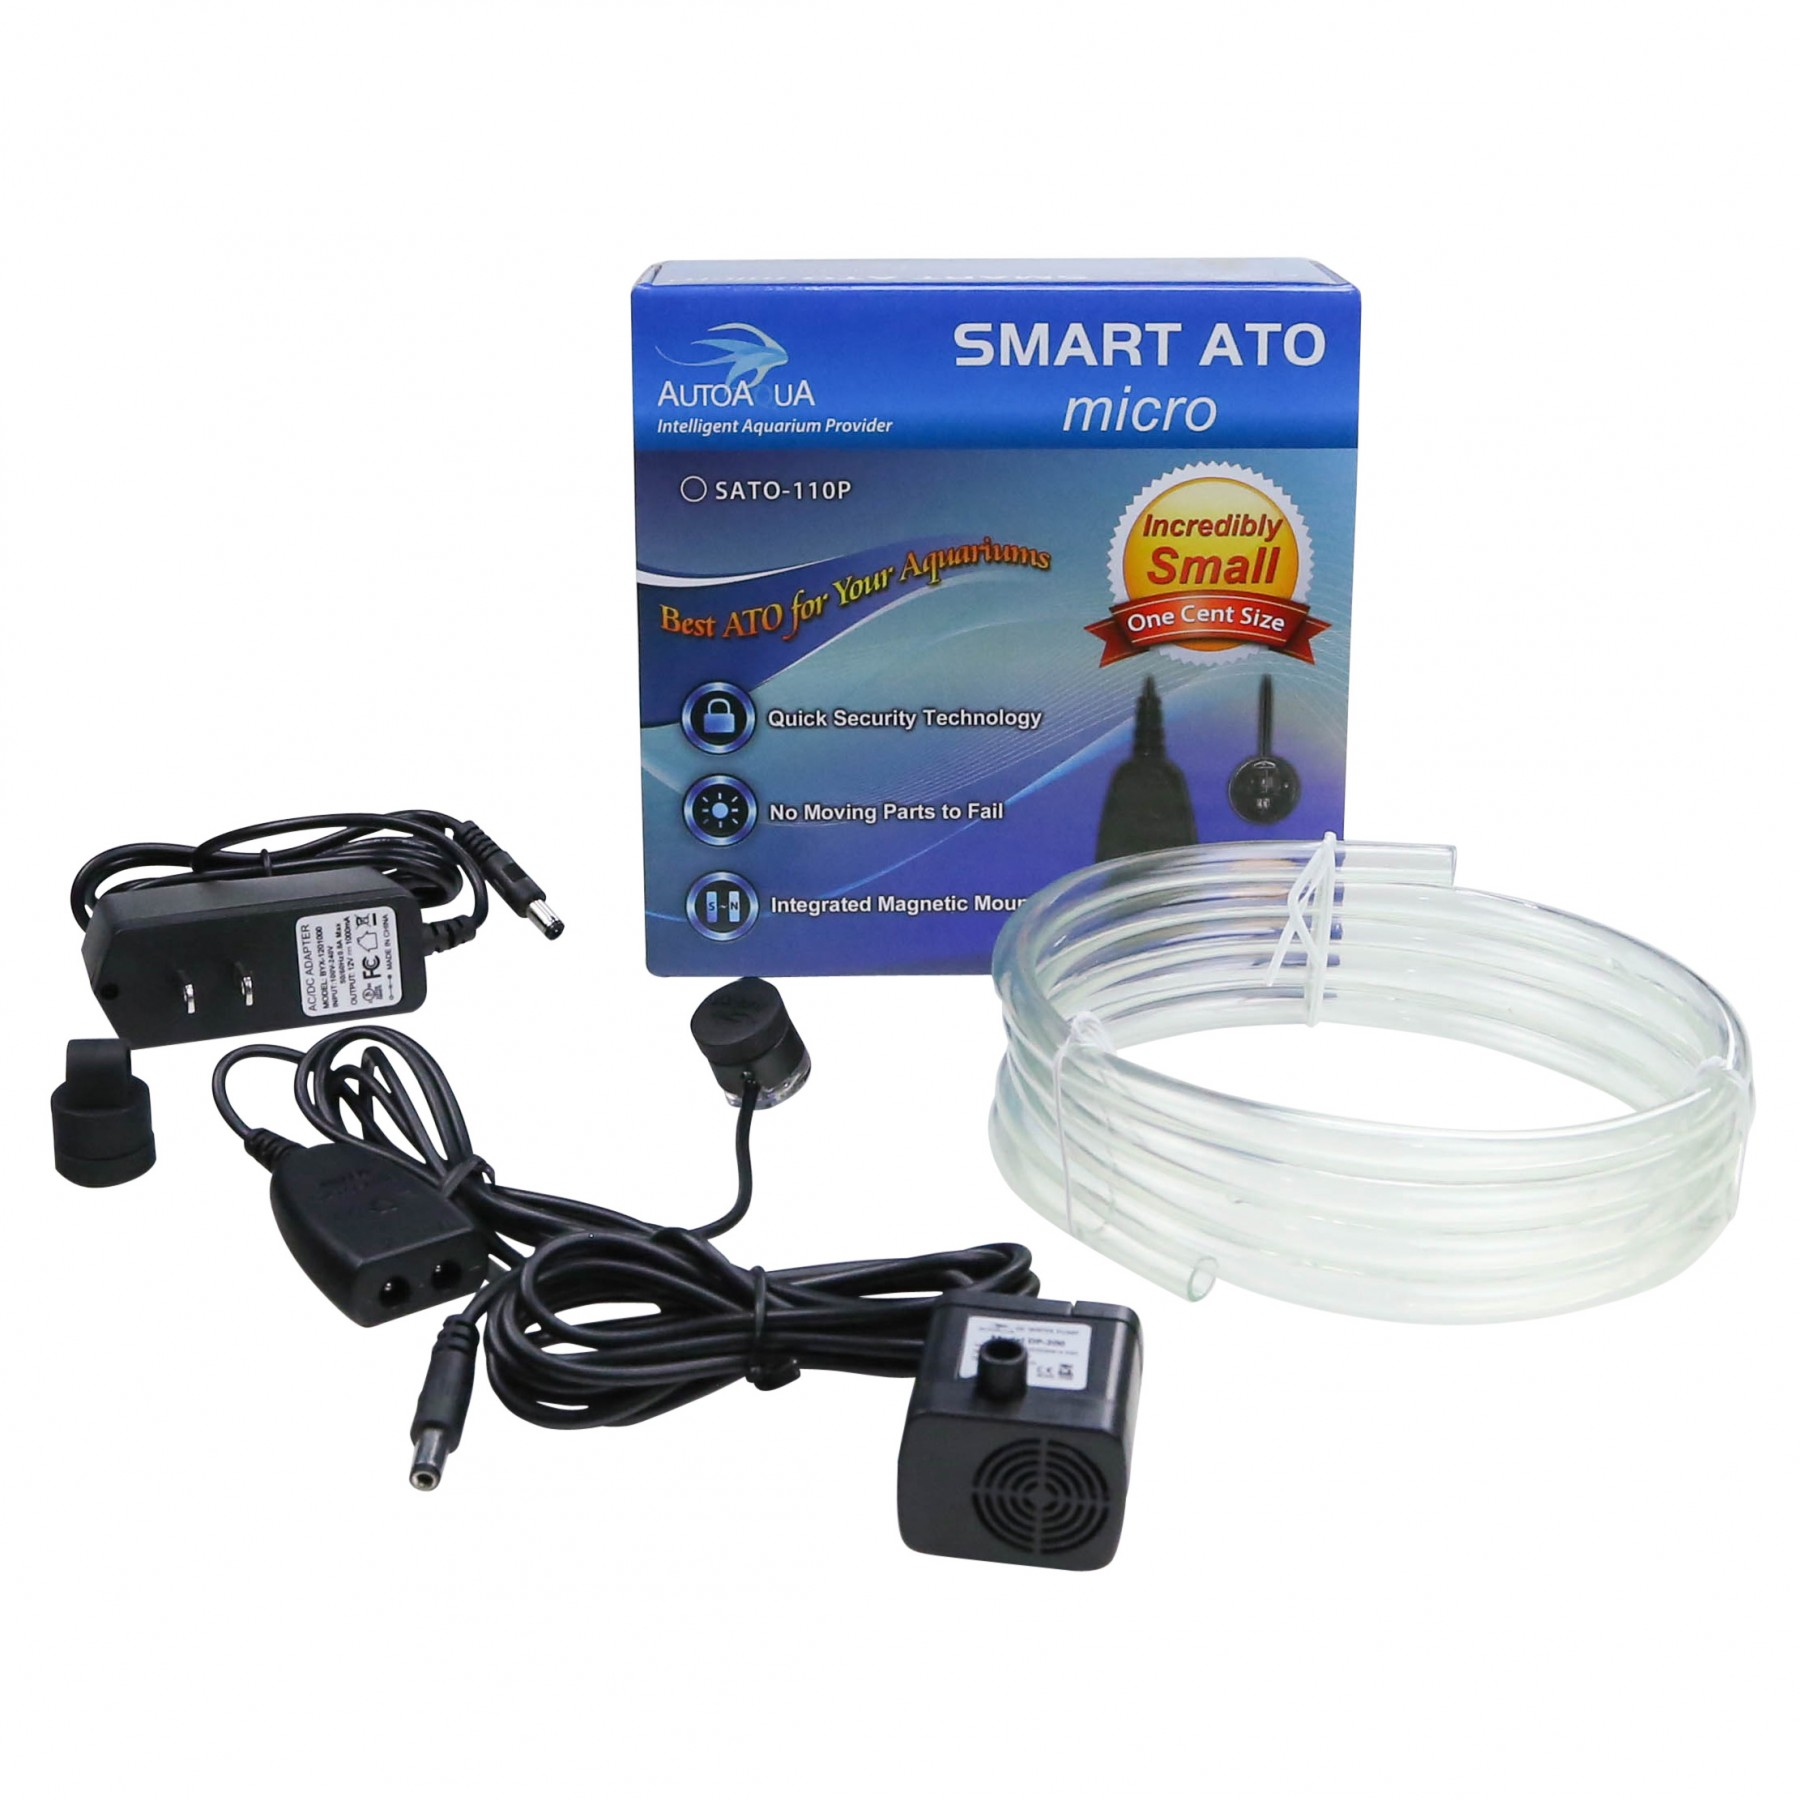 AUTOAQUA SATO-120P SMART ATO MICRO (AUTO TOP UP)